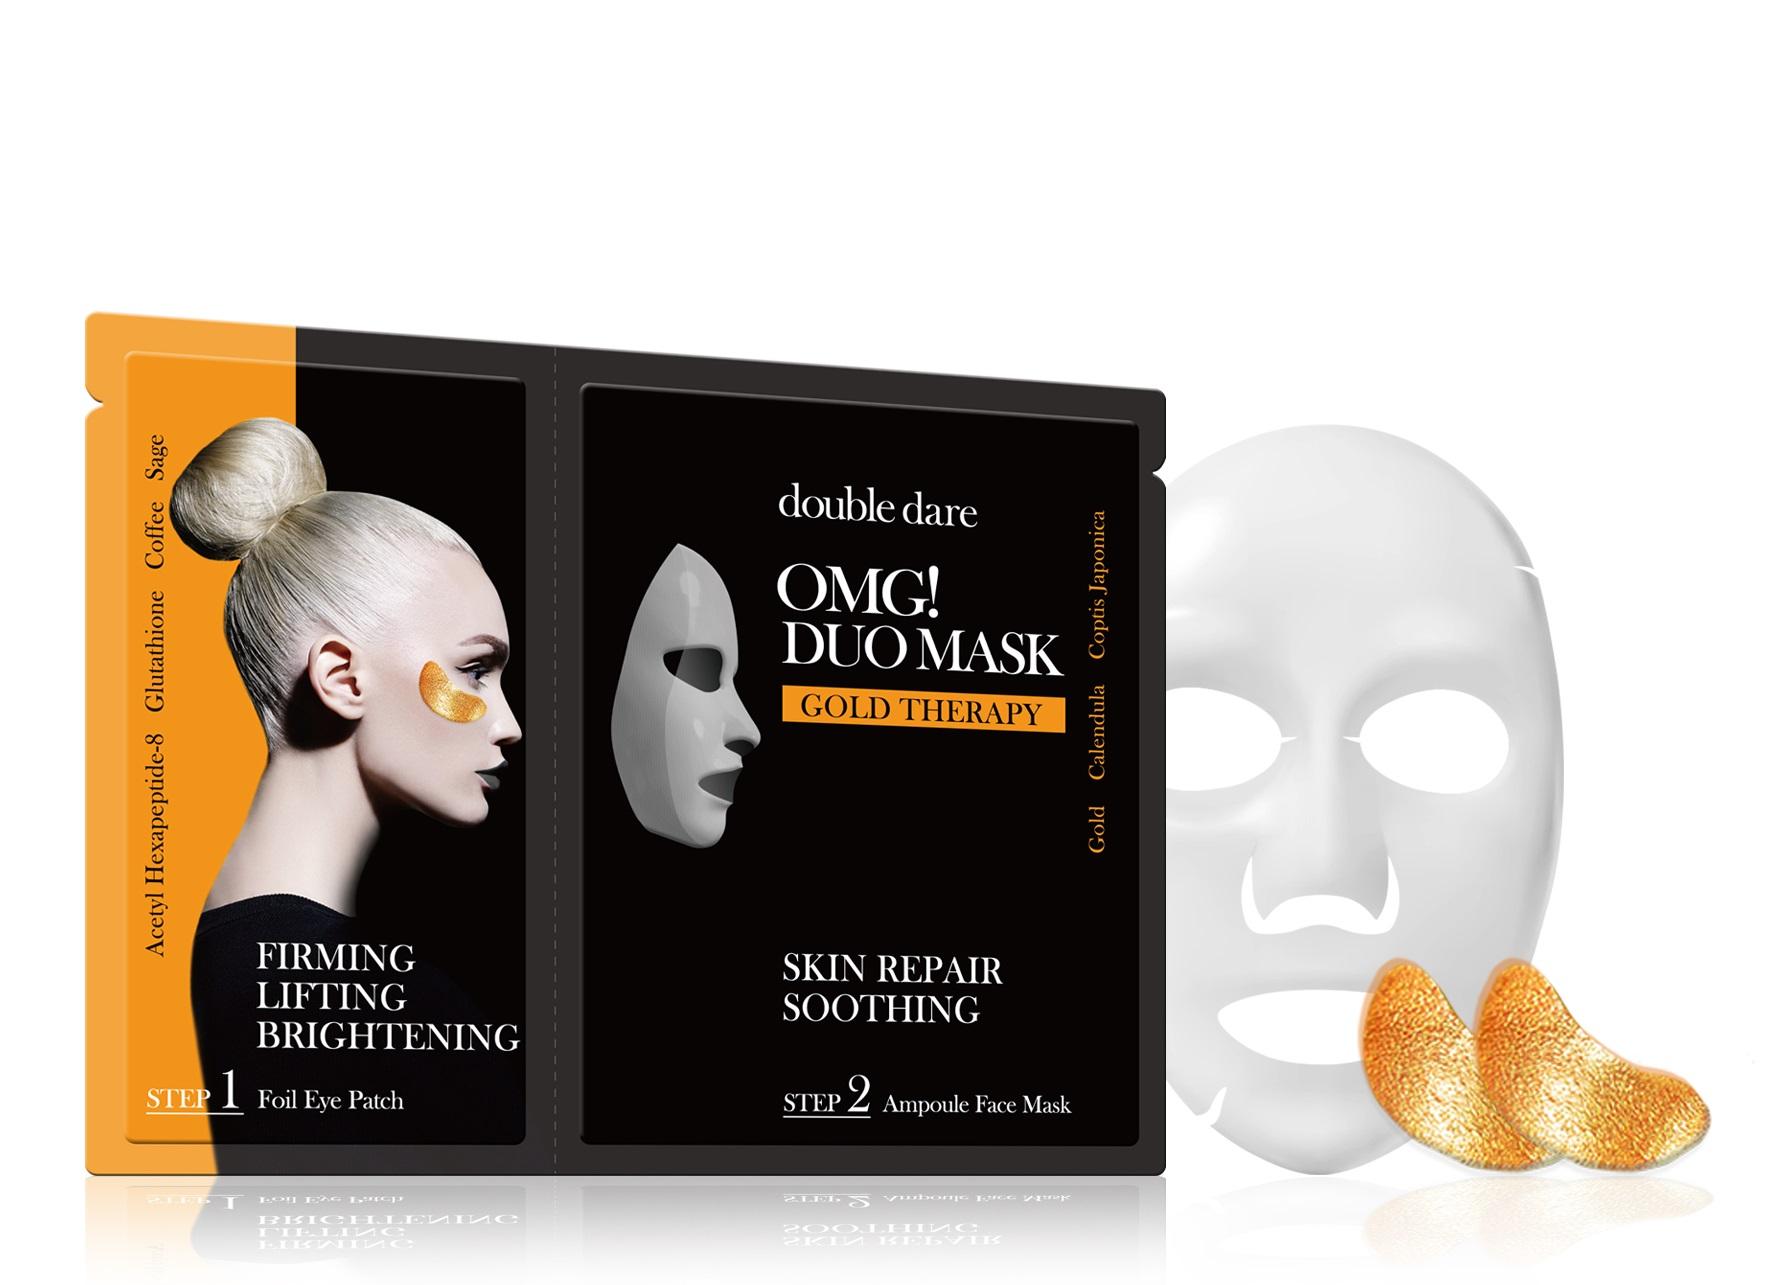 DOUBLE DARE OMG! Комплекс двухкомпонентный из маски и патчей Смягчение и восстановление / DUO 29 г фото